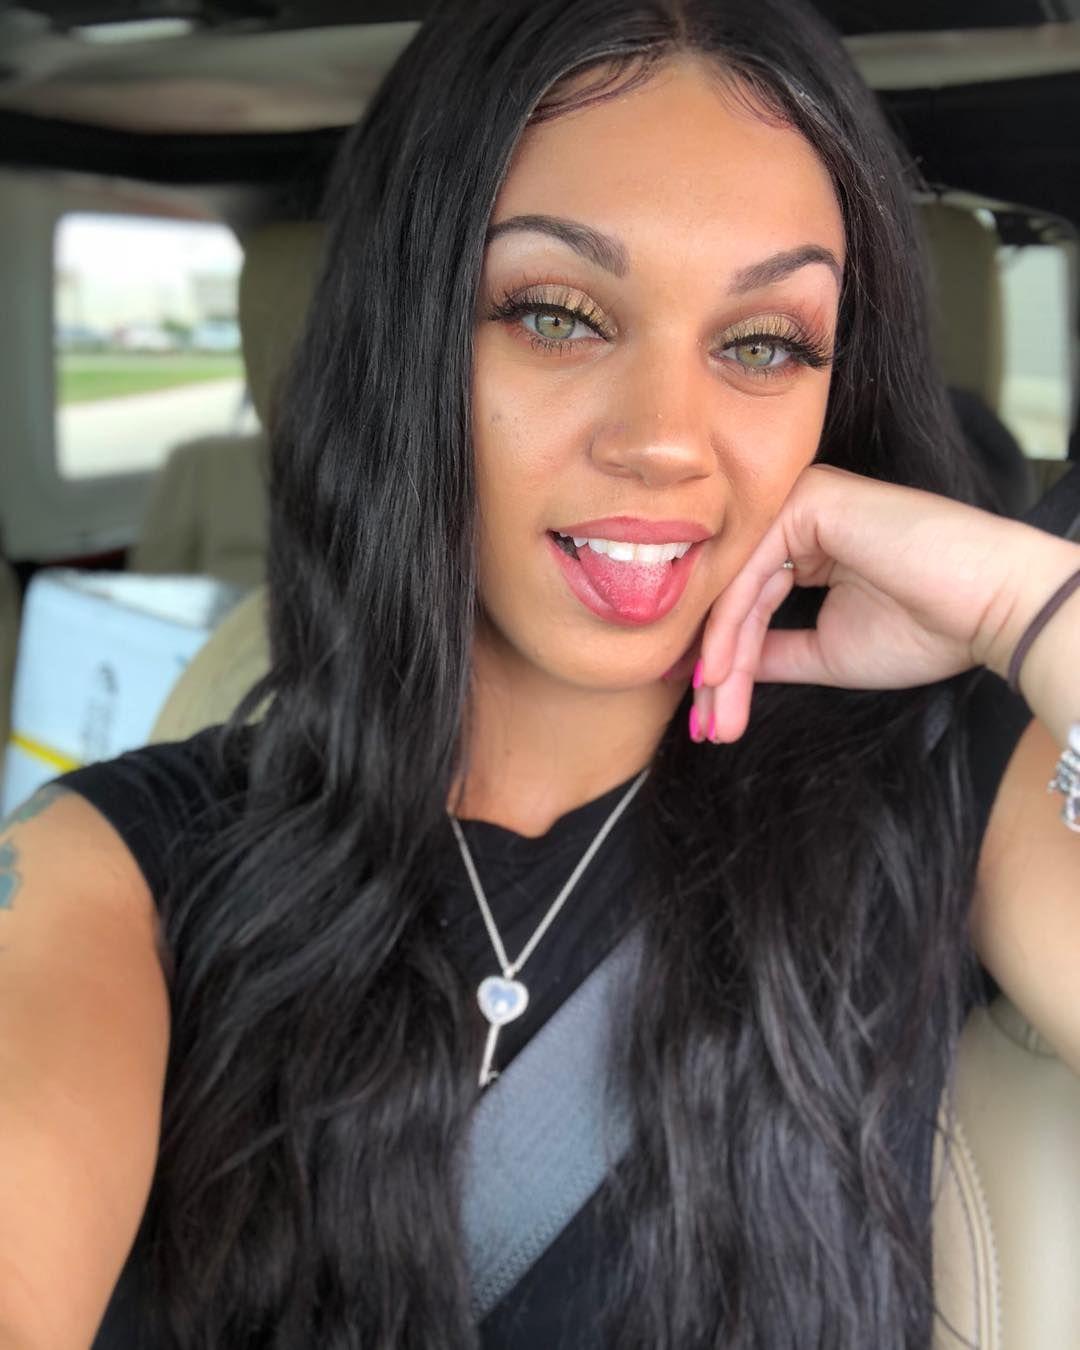 Bianca Raines